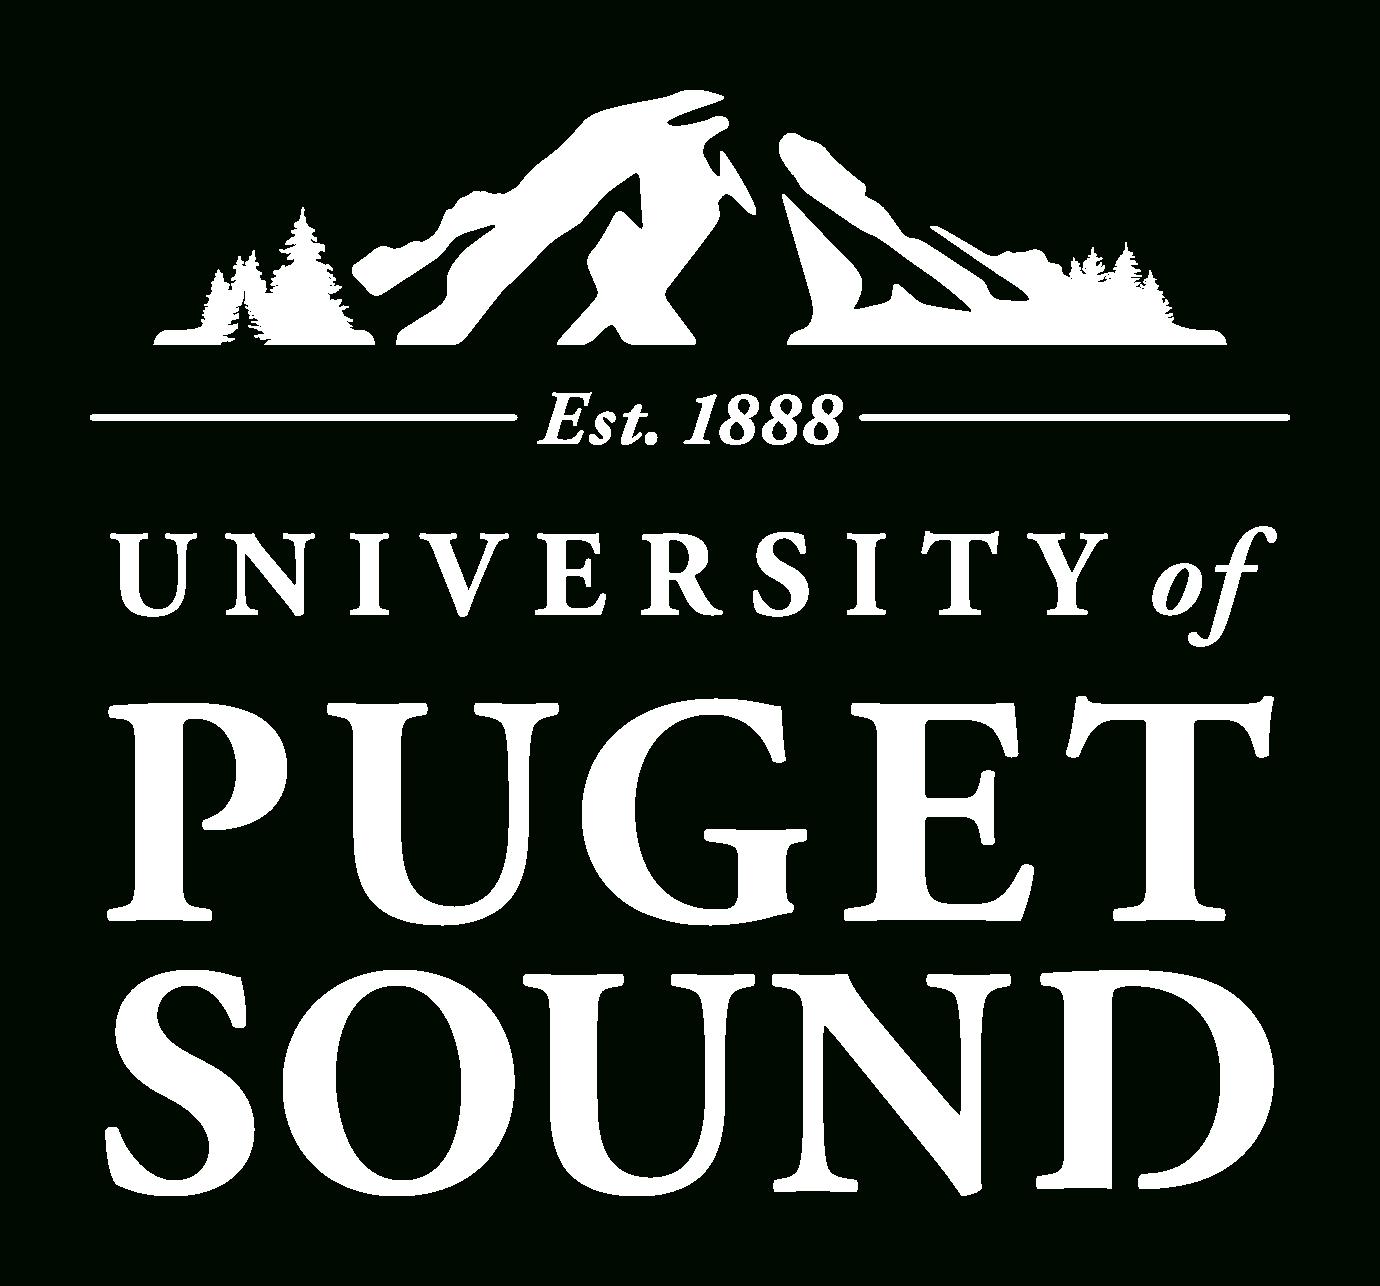 University Of Puget Sound In University Of Puget Sound Calandar